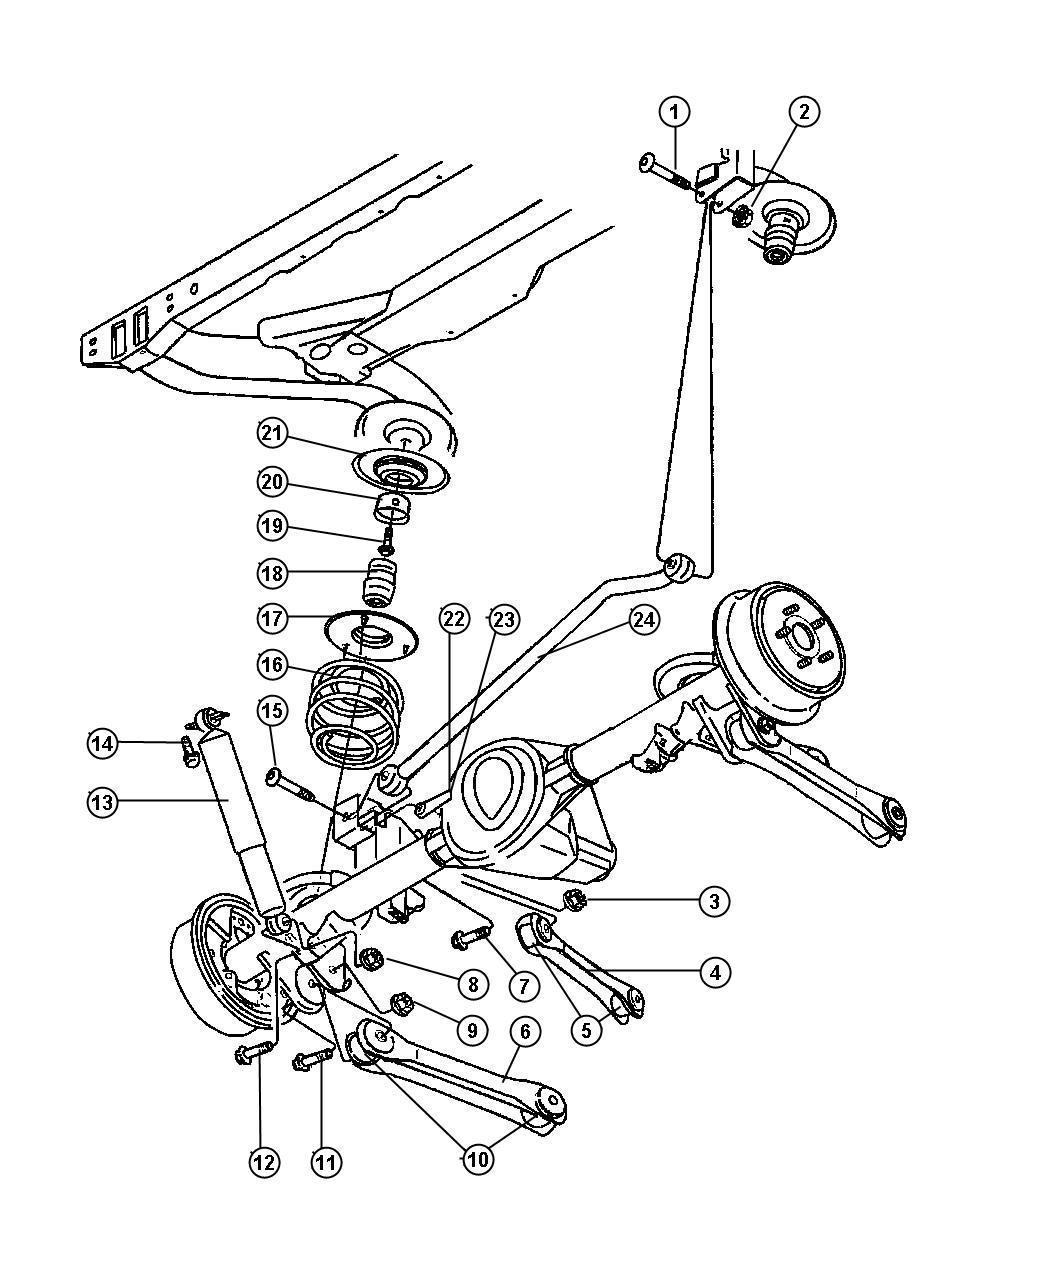 2000 ford explorer front suspension diagram 2003 trailblazer fuse box 98 jeep cherokee html